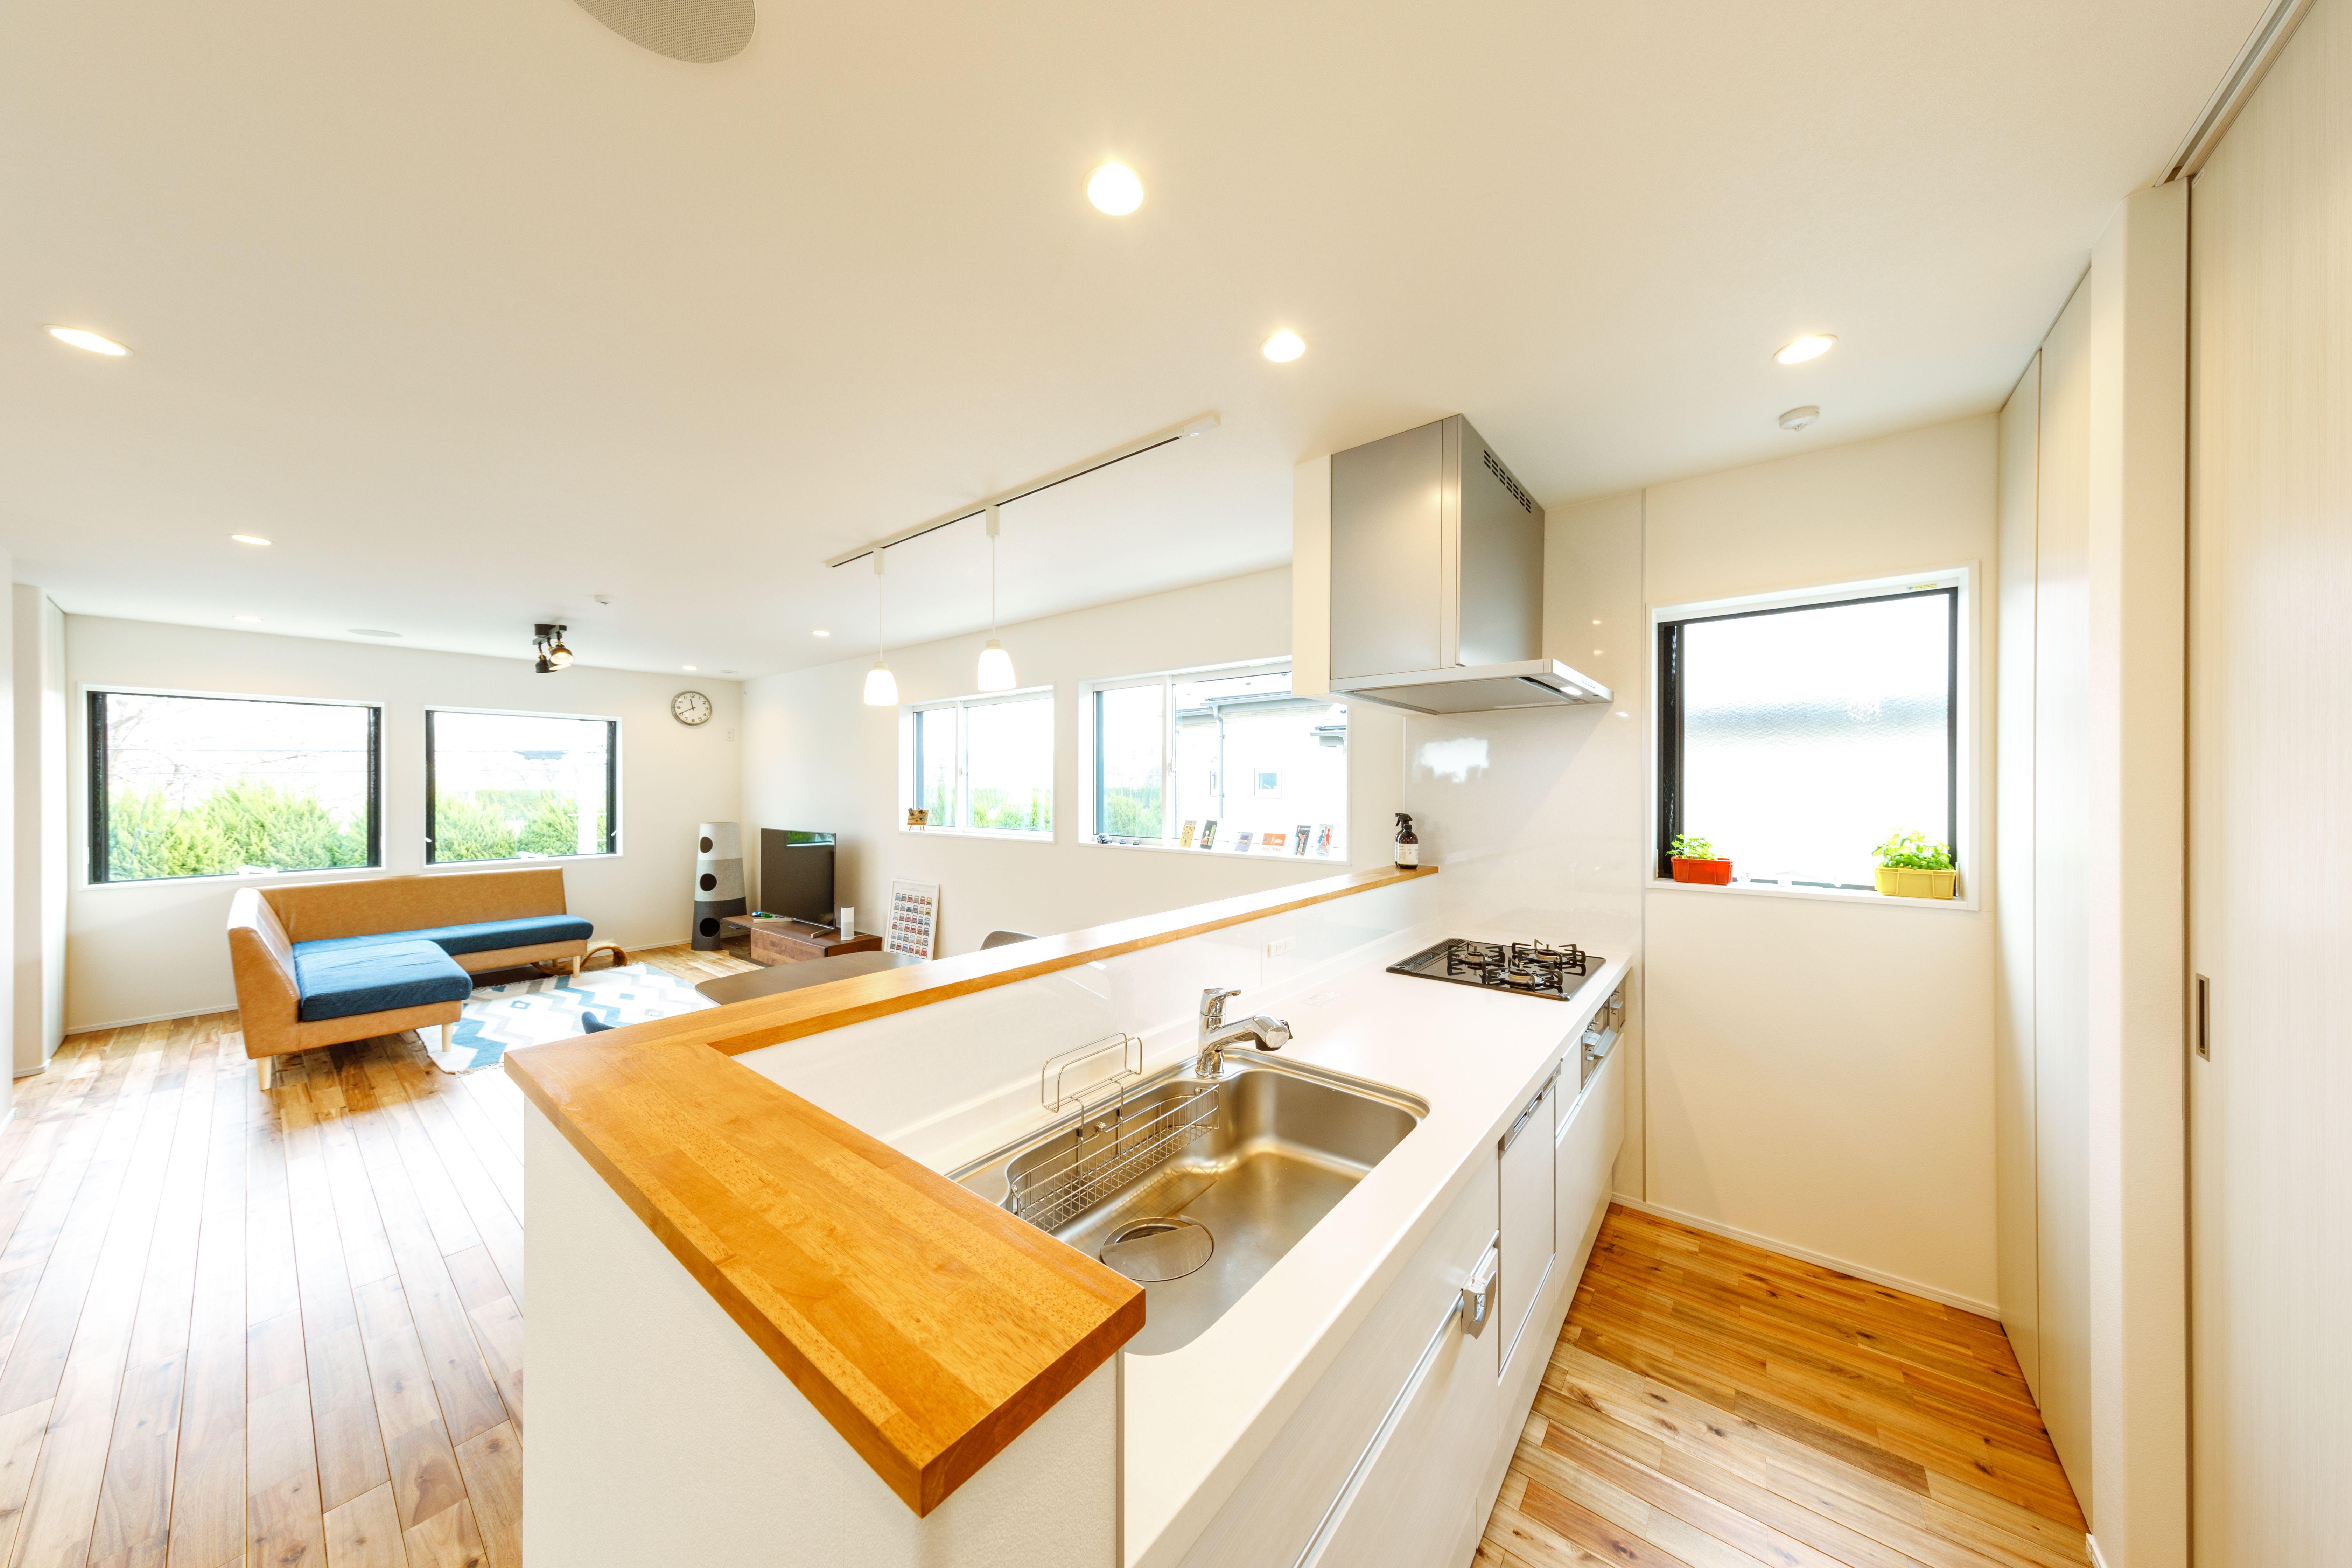 シンプル爽やかな北欧風キッチン Regard Homedeco Kitchen